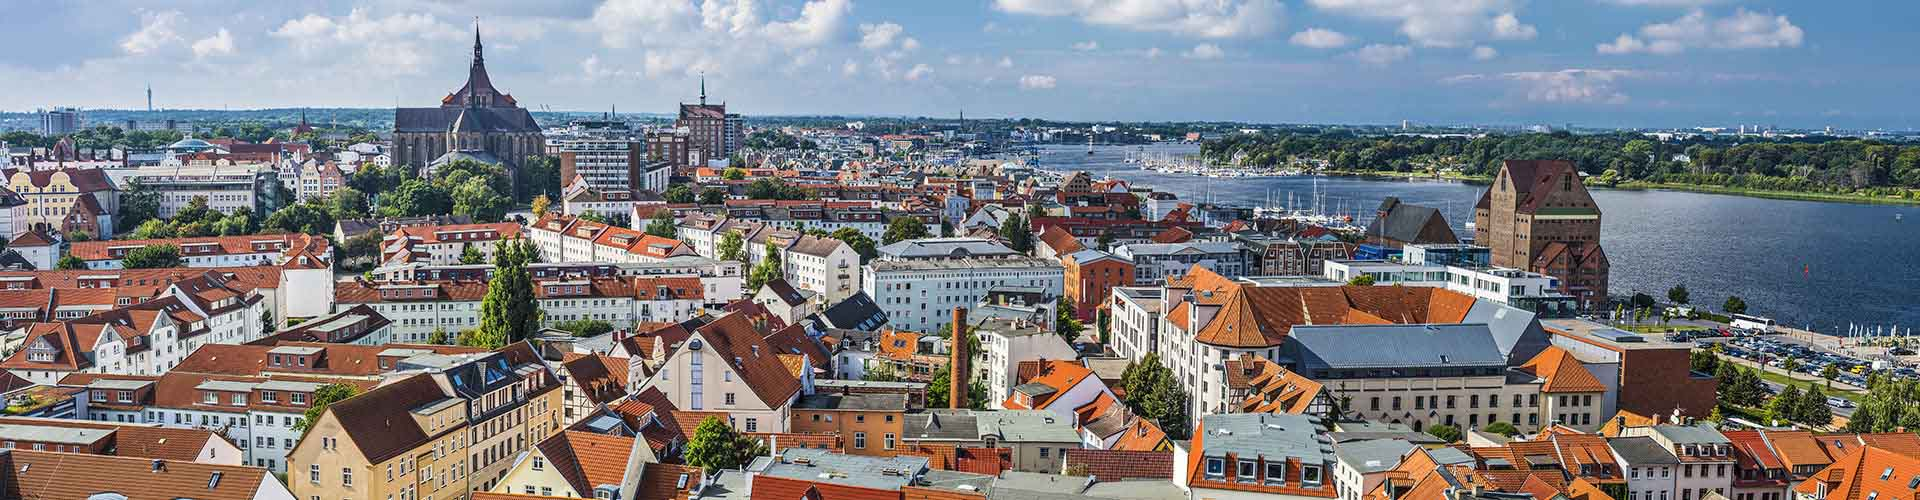 Rostock - Habitaciones en Rostock. Mapas de Rostock, Fotos y comentarios de cada Habitación en Rostock.